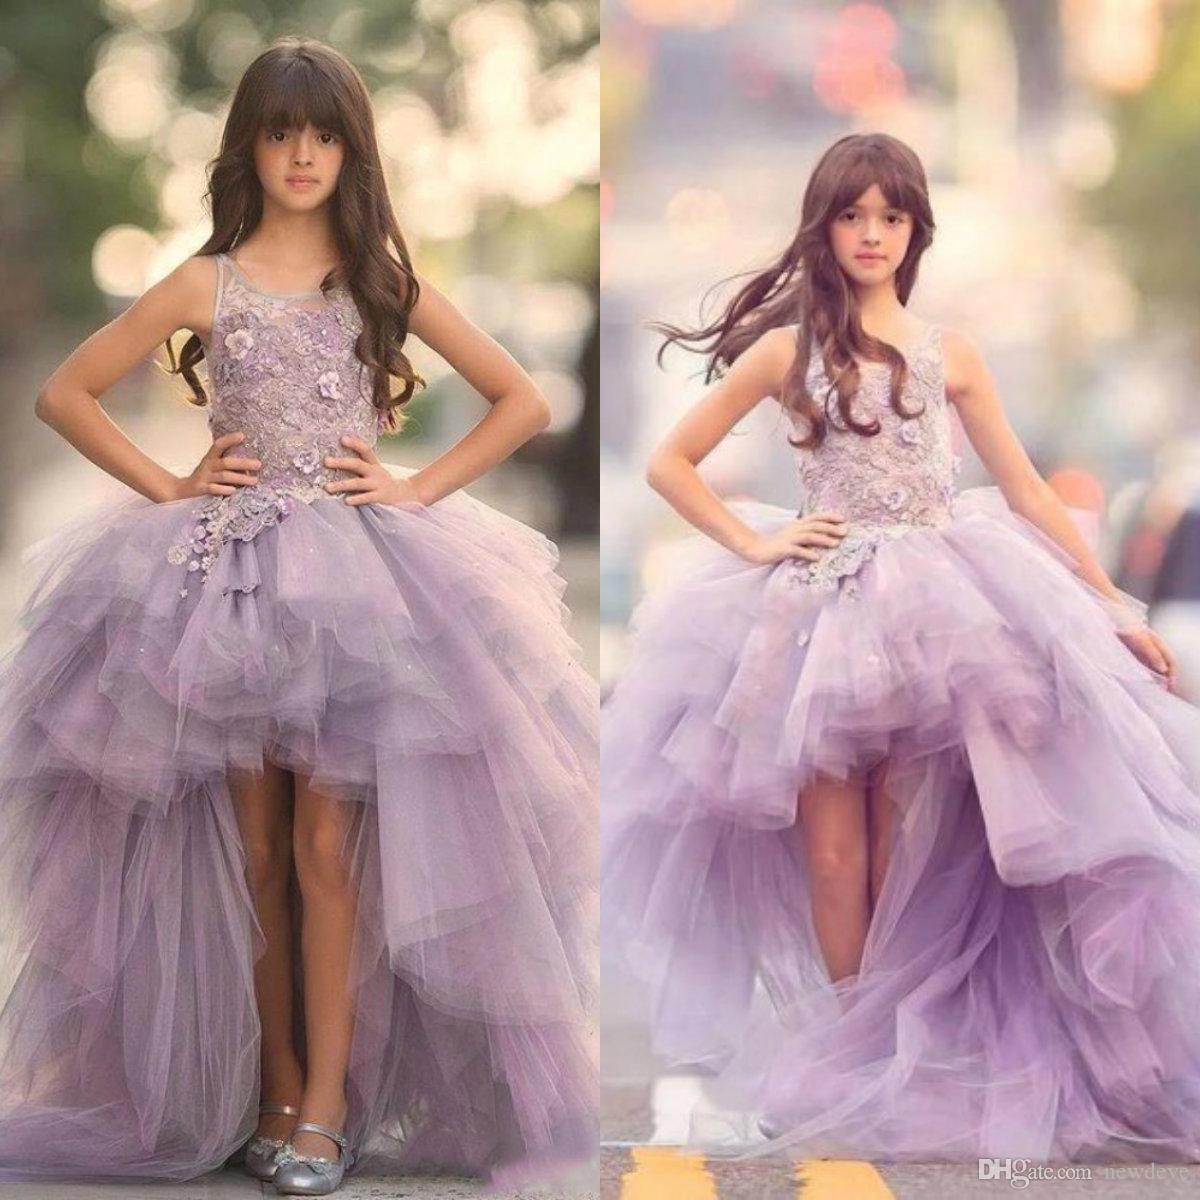 2020 Alta Baixa Flor Meninas Vestidos para Casamentos Meninas Jewel Pageant Vestido para Adolescentes Lace Appliqued Tiered Tulle Comunhão Vestidos